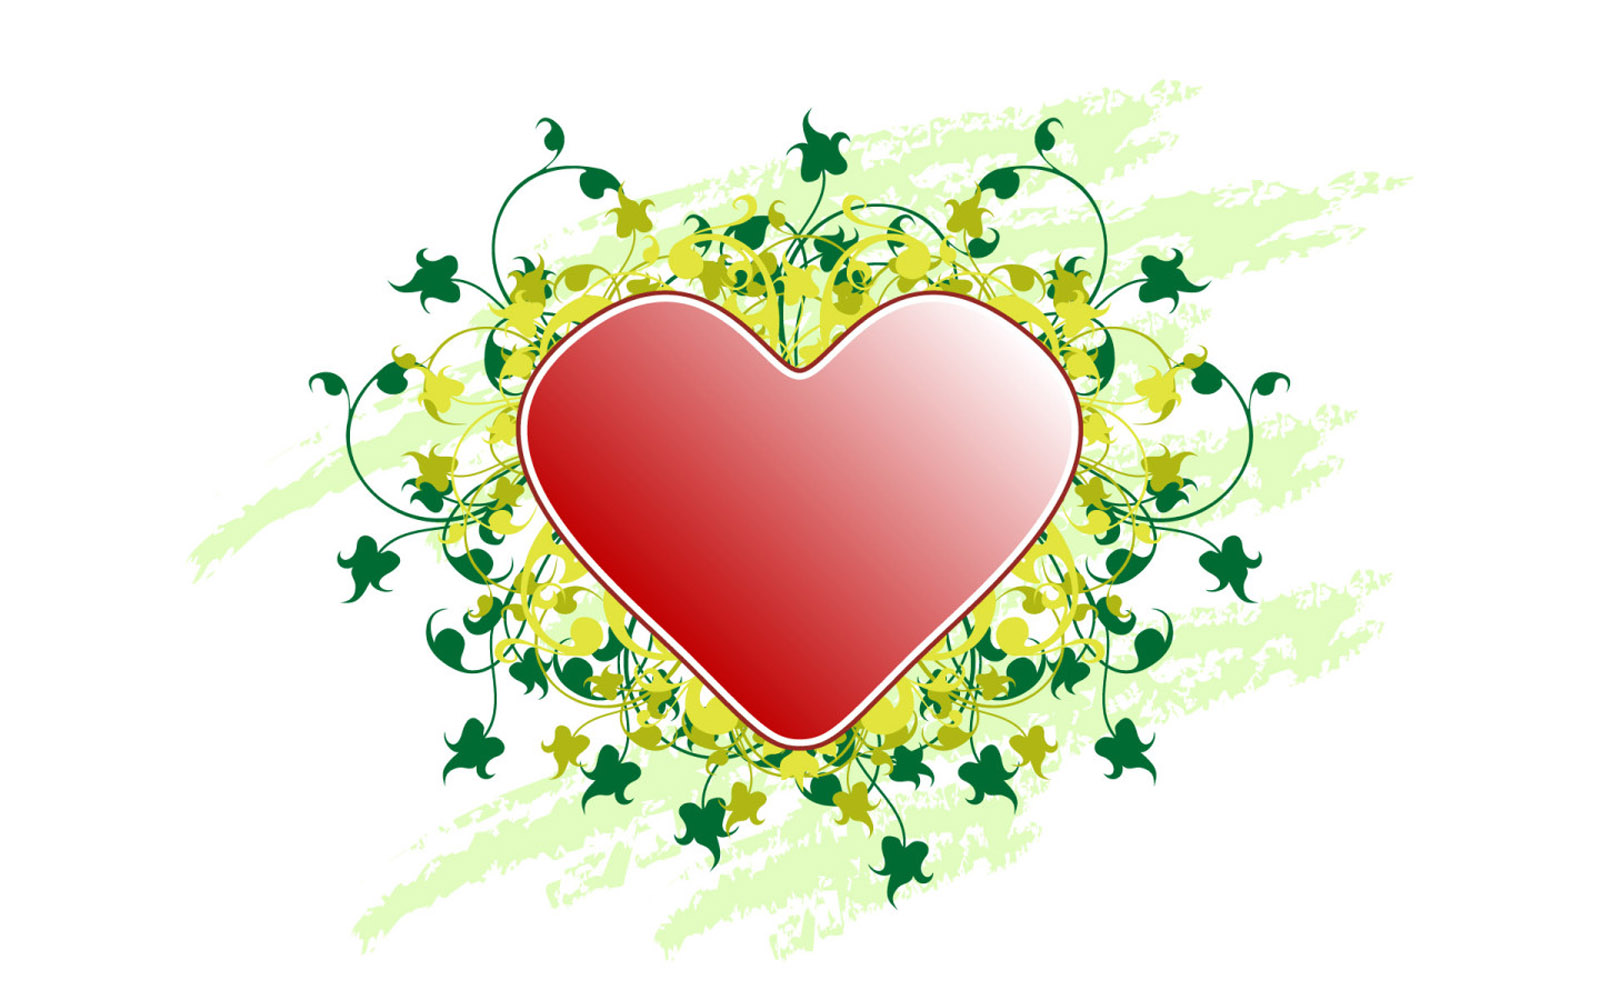 Картинка мое сердце у тебя в руках подбирать имя